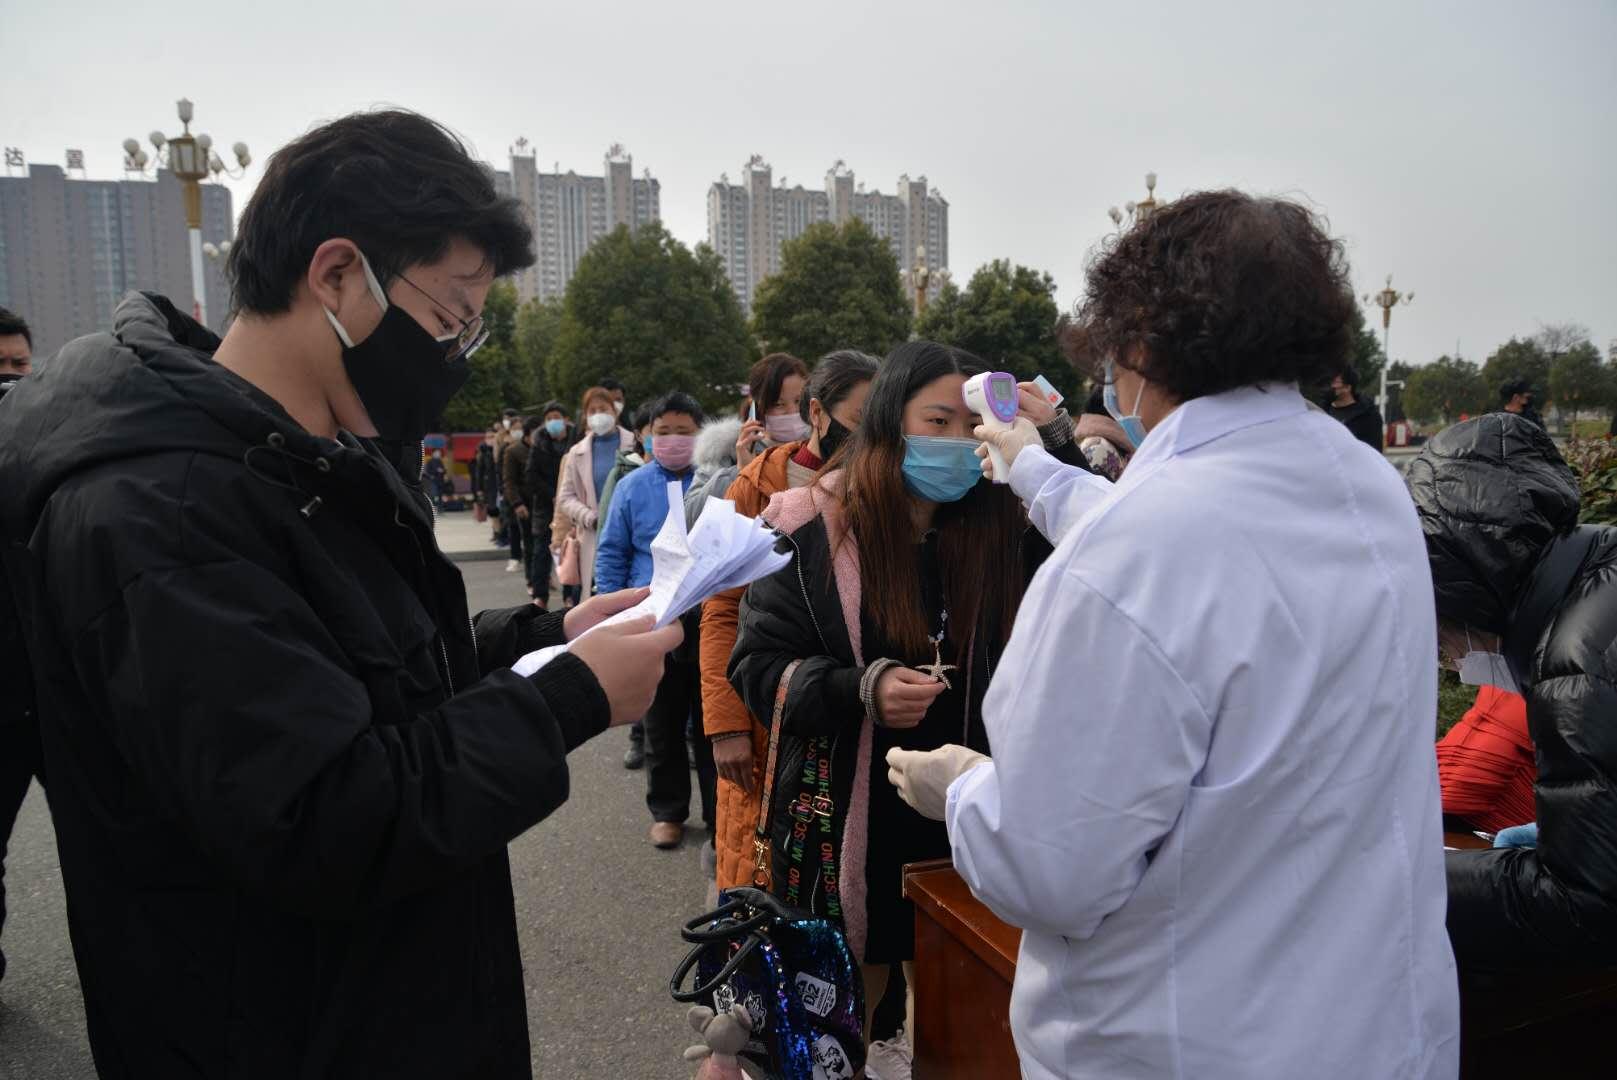 方城抗疫一线捷报:方城县第三例新冠肺炎患者治愈出院